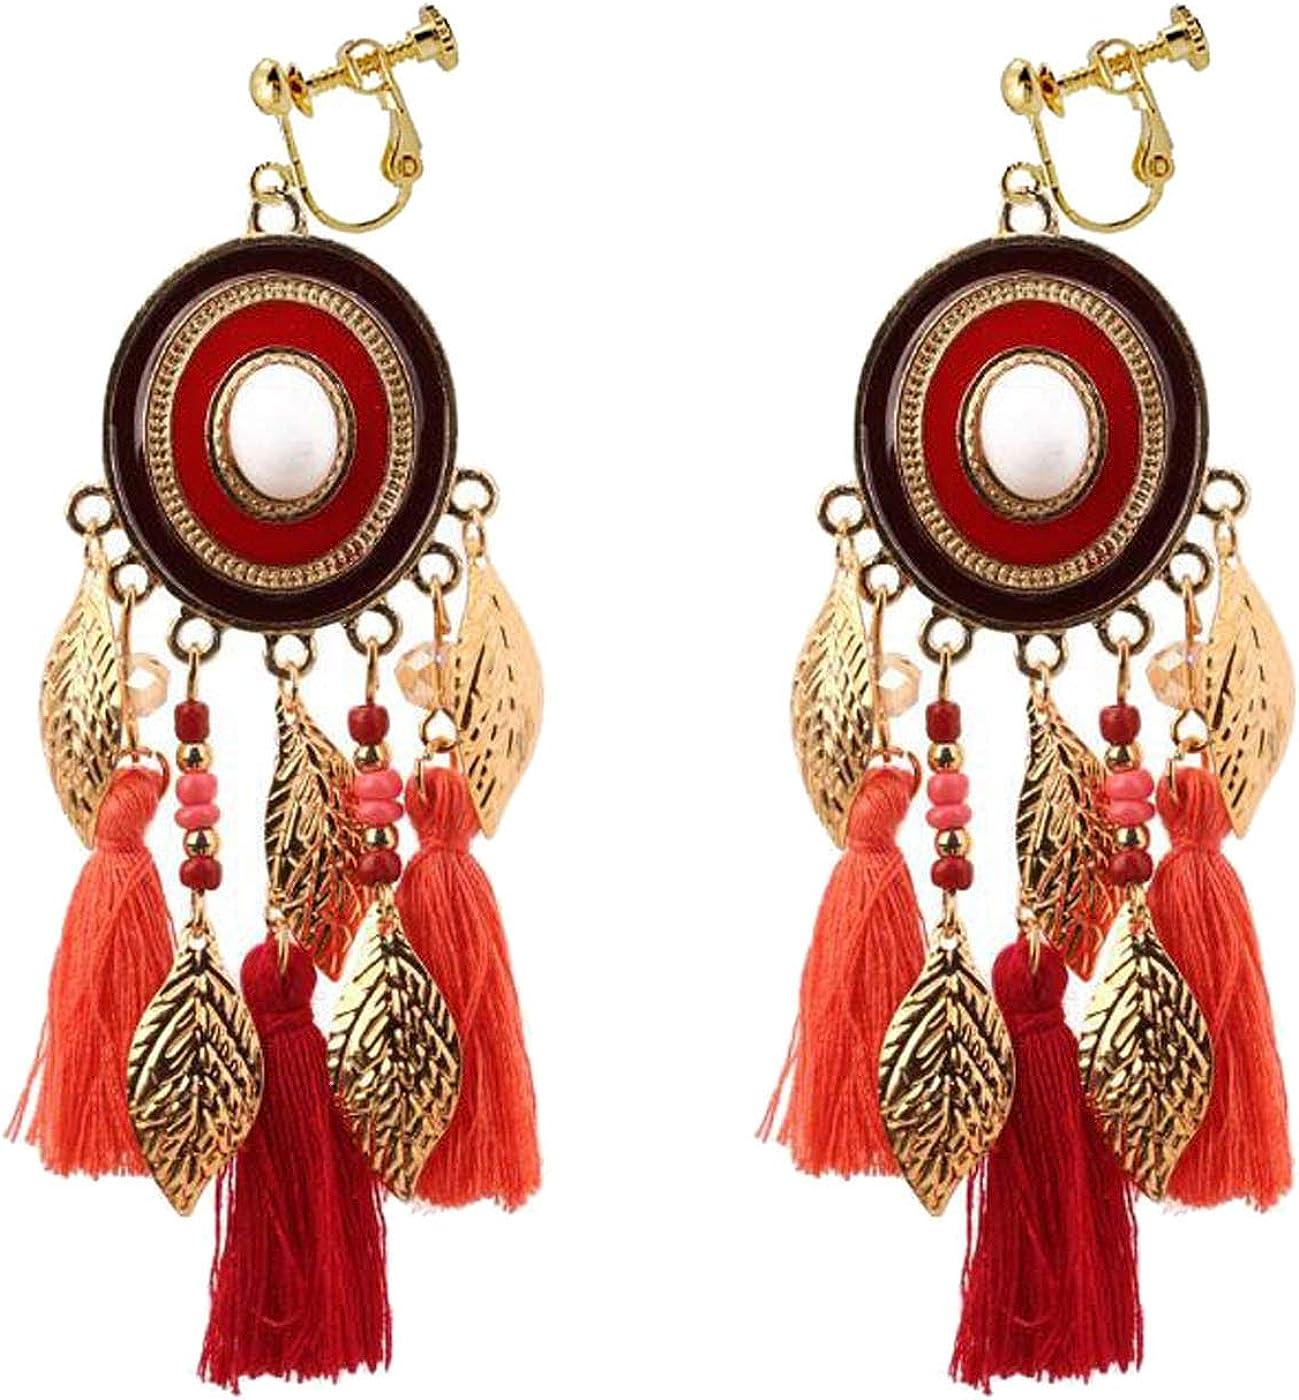 Retro Clip on Earrings Bohemian Earrings for Women Girls Gold Tone Leaf Dangle Drop Silk Thread Tassel Fringe Vintage Statement